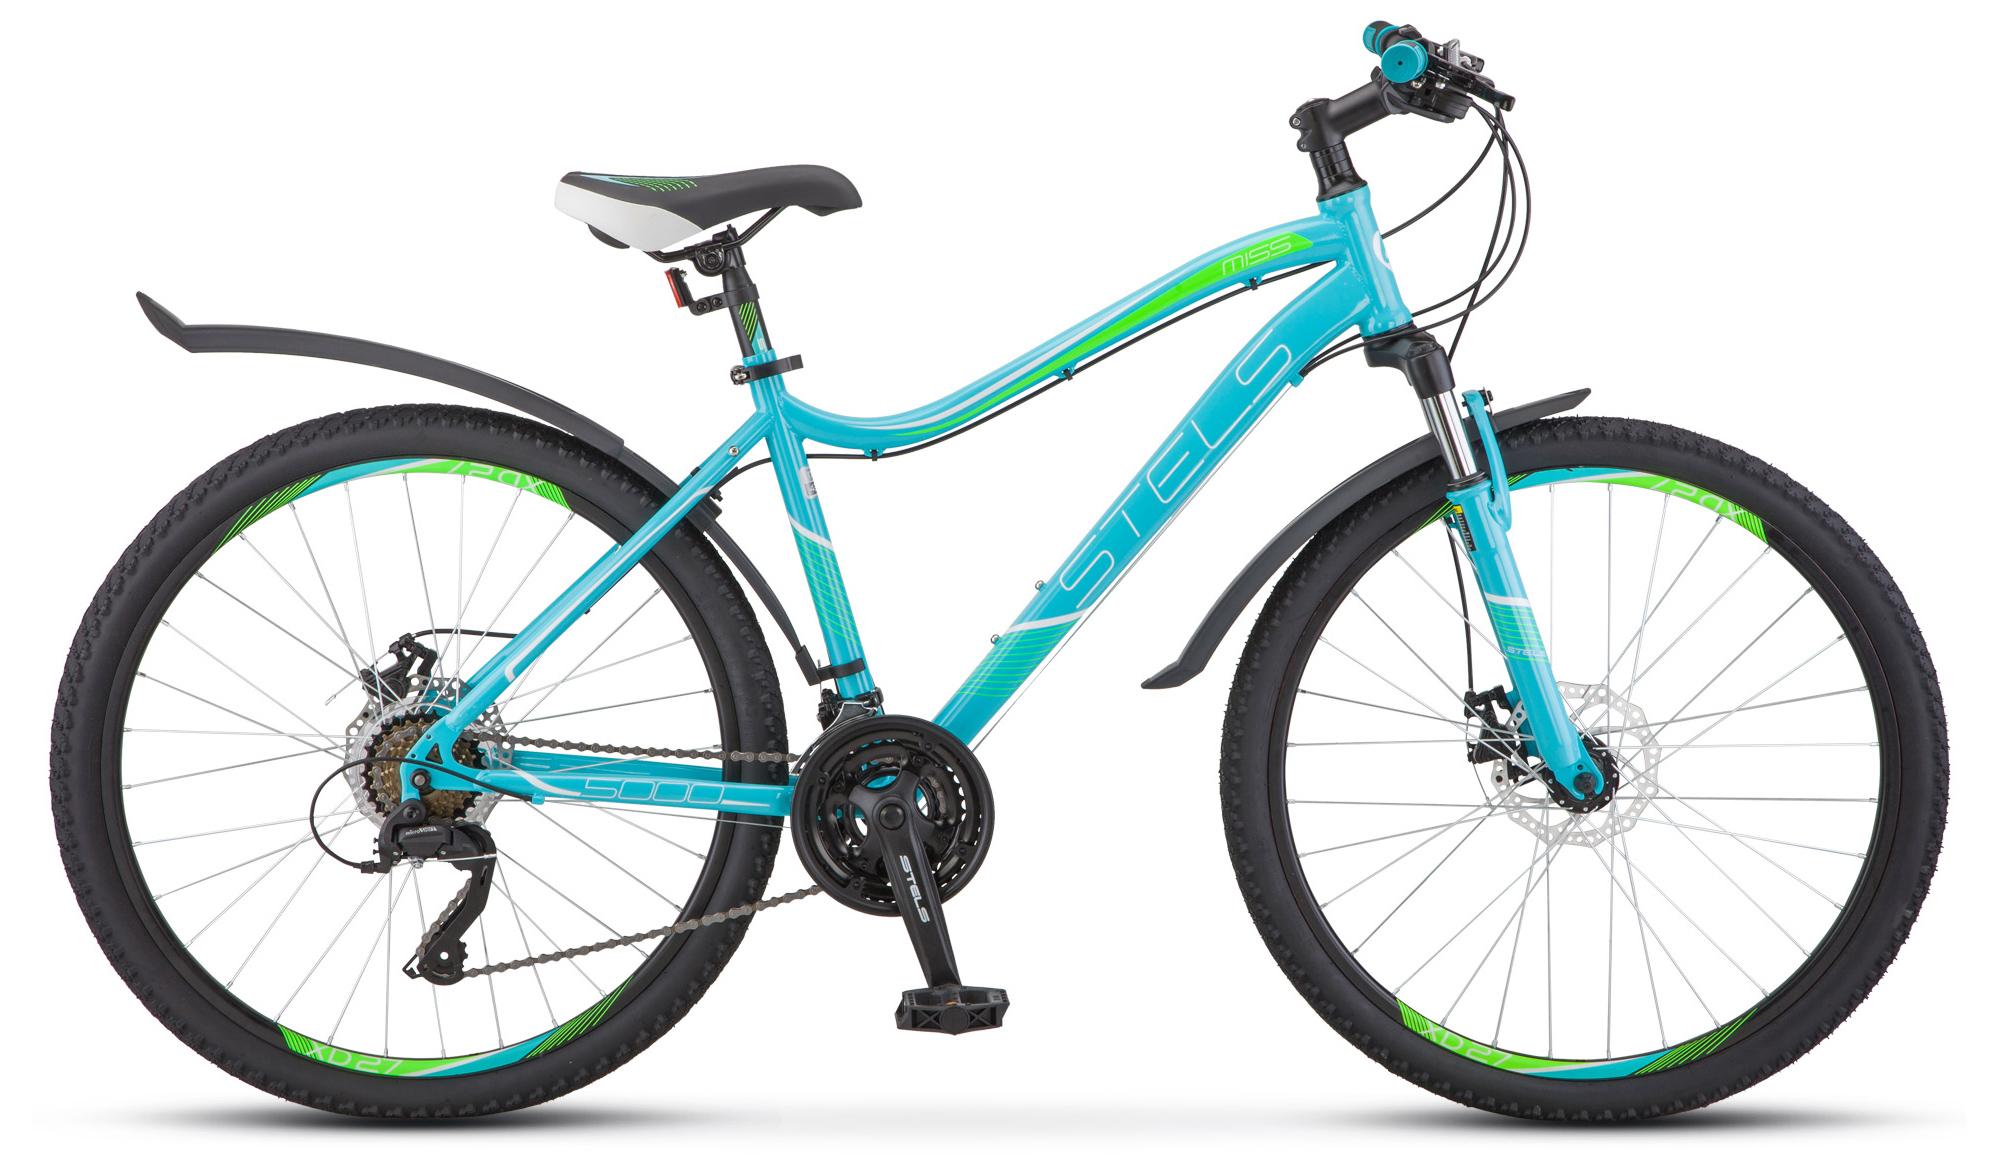 цена на Велосипед Stels Miss 5000 MD 26 (V010) 2019